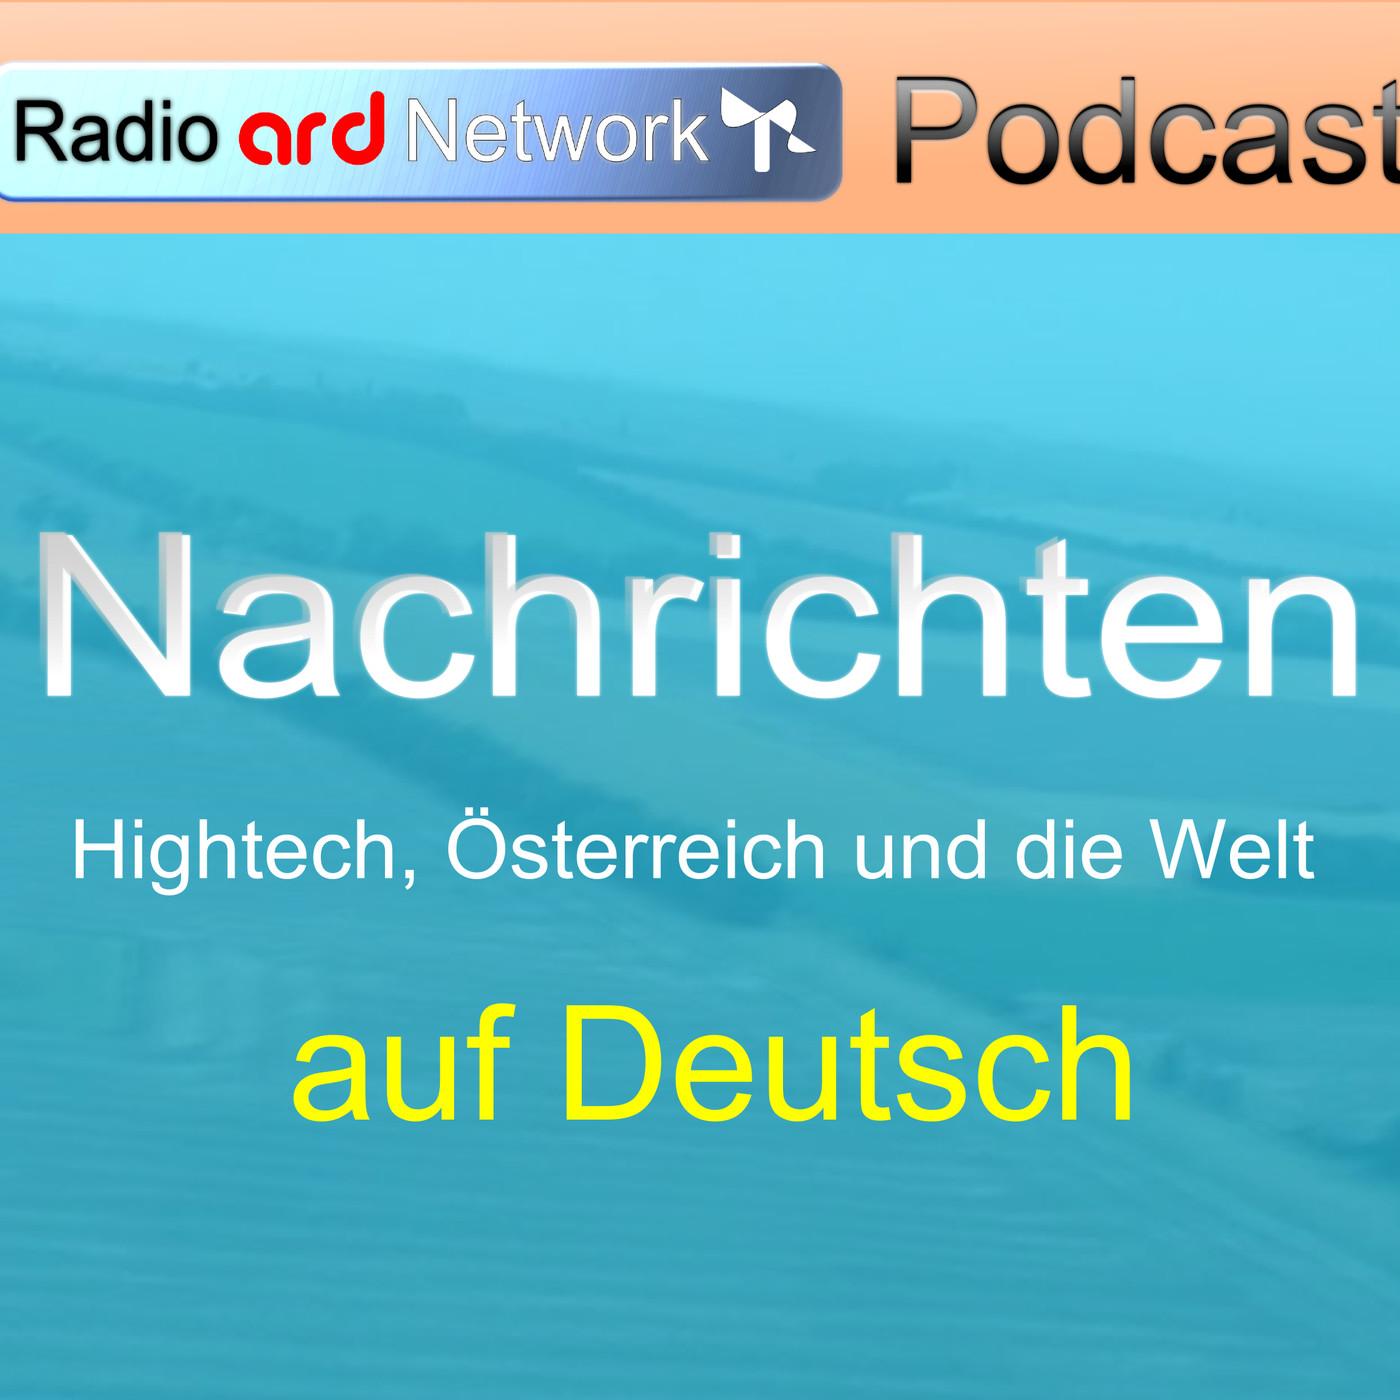 18-09-2020 13H00 - Nachrichten auf Deutsch